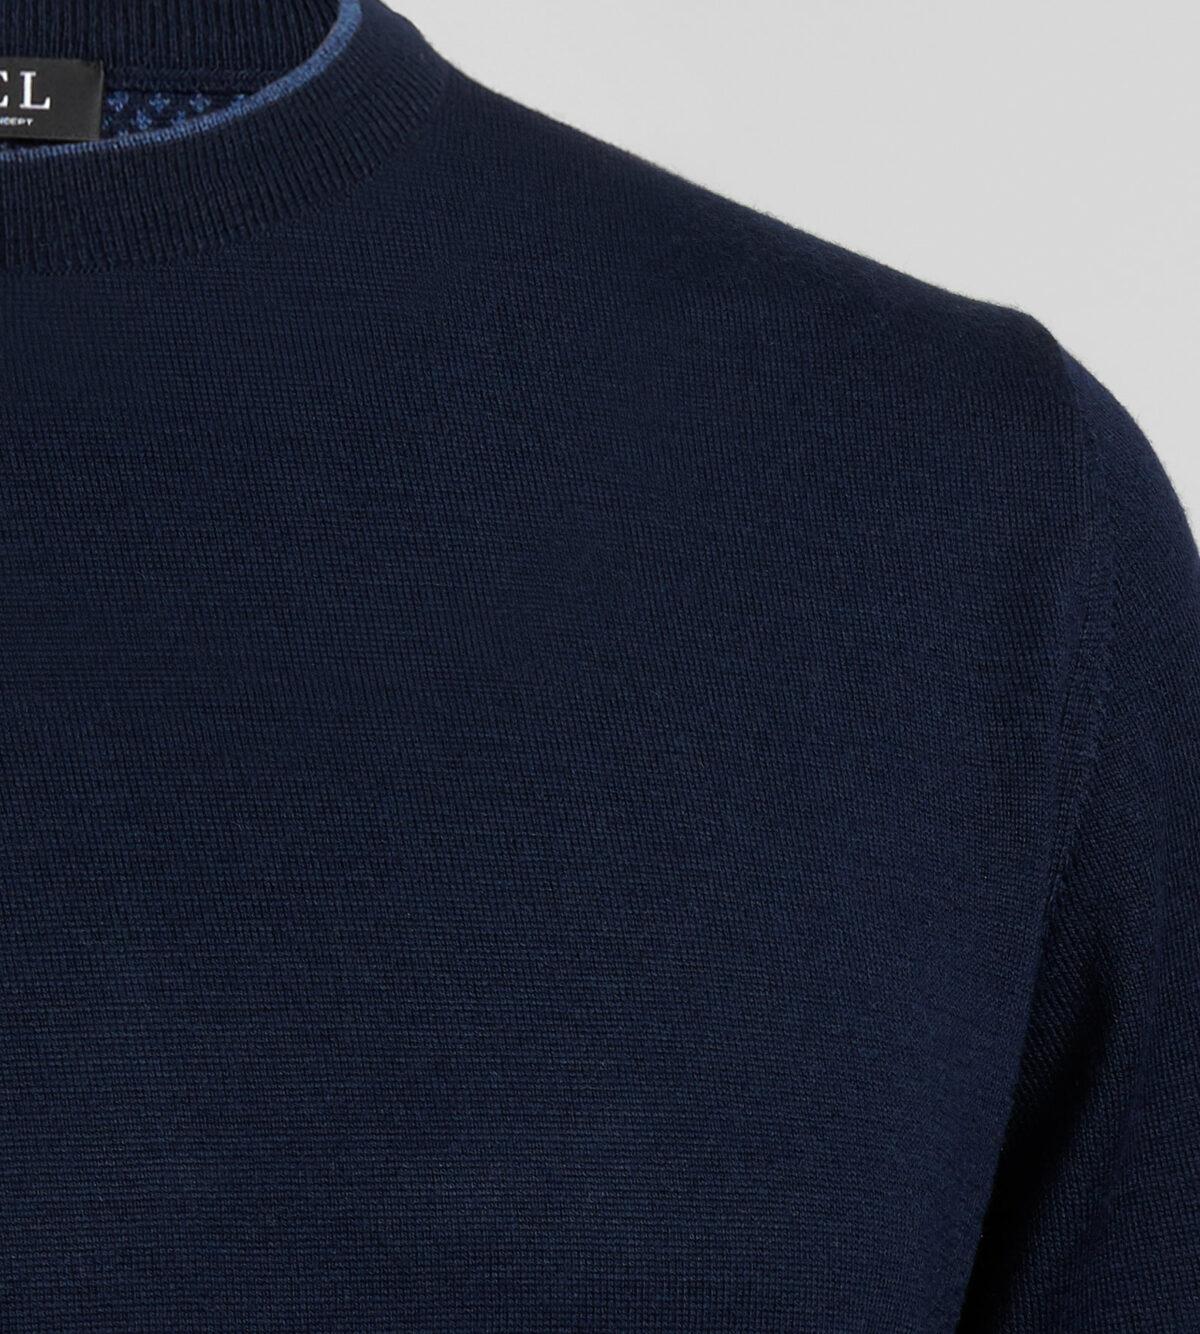 digel-sotetkek-modern-fit-kerek-nyaku-gyapju-pulover-faros1-1-1288009-20